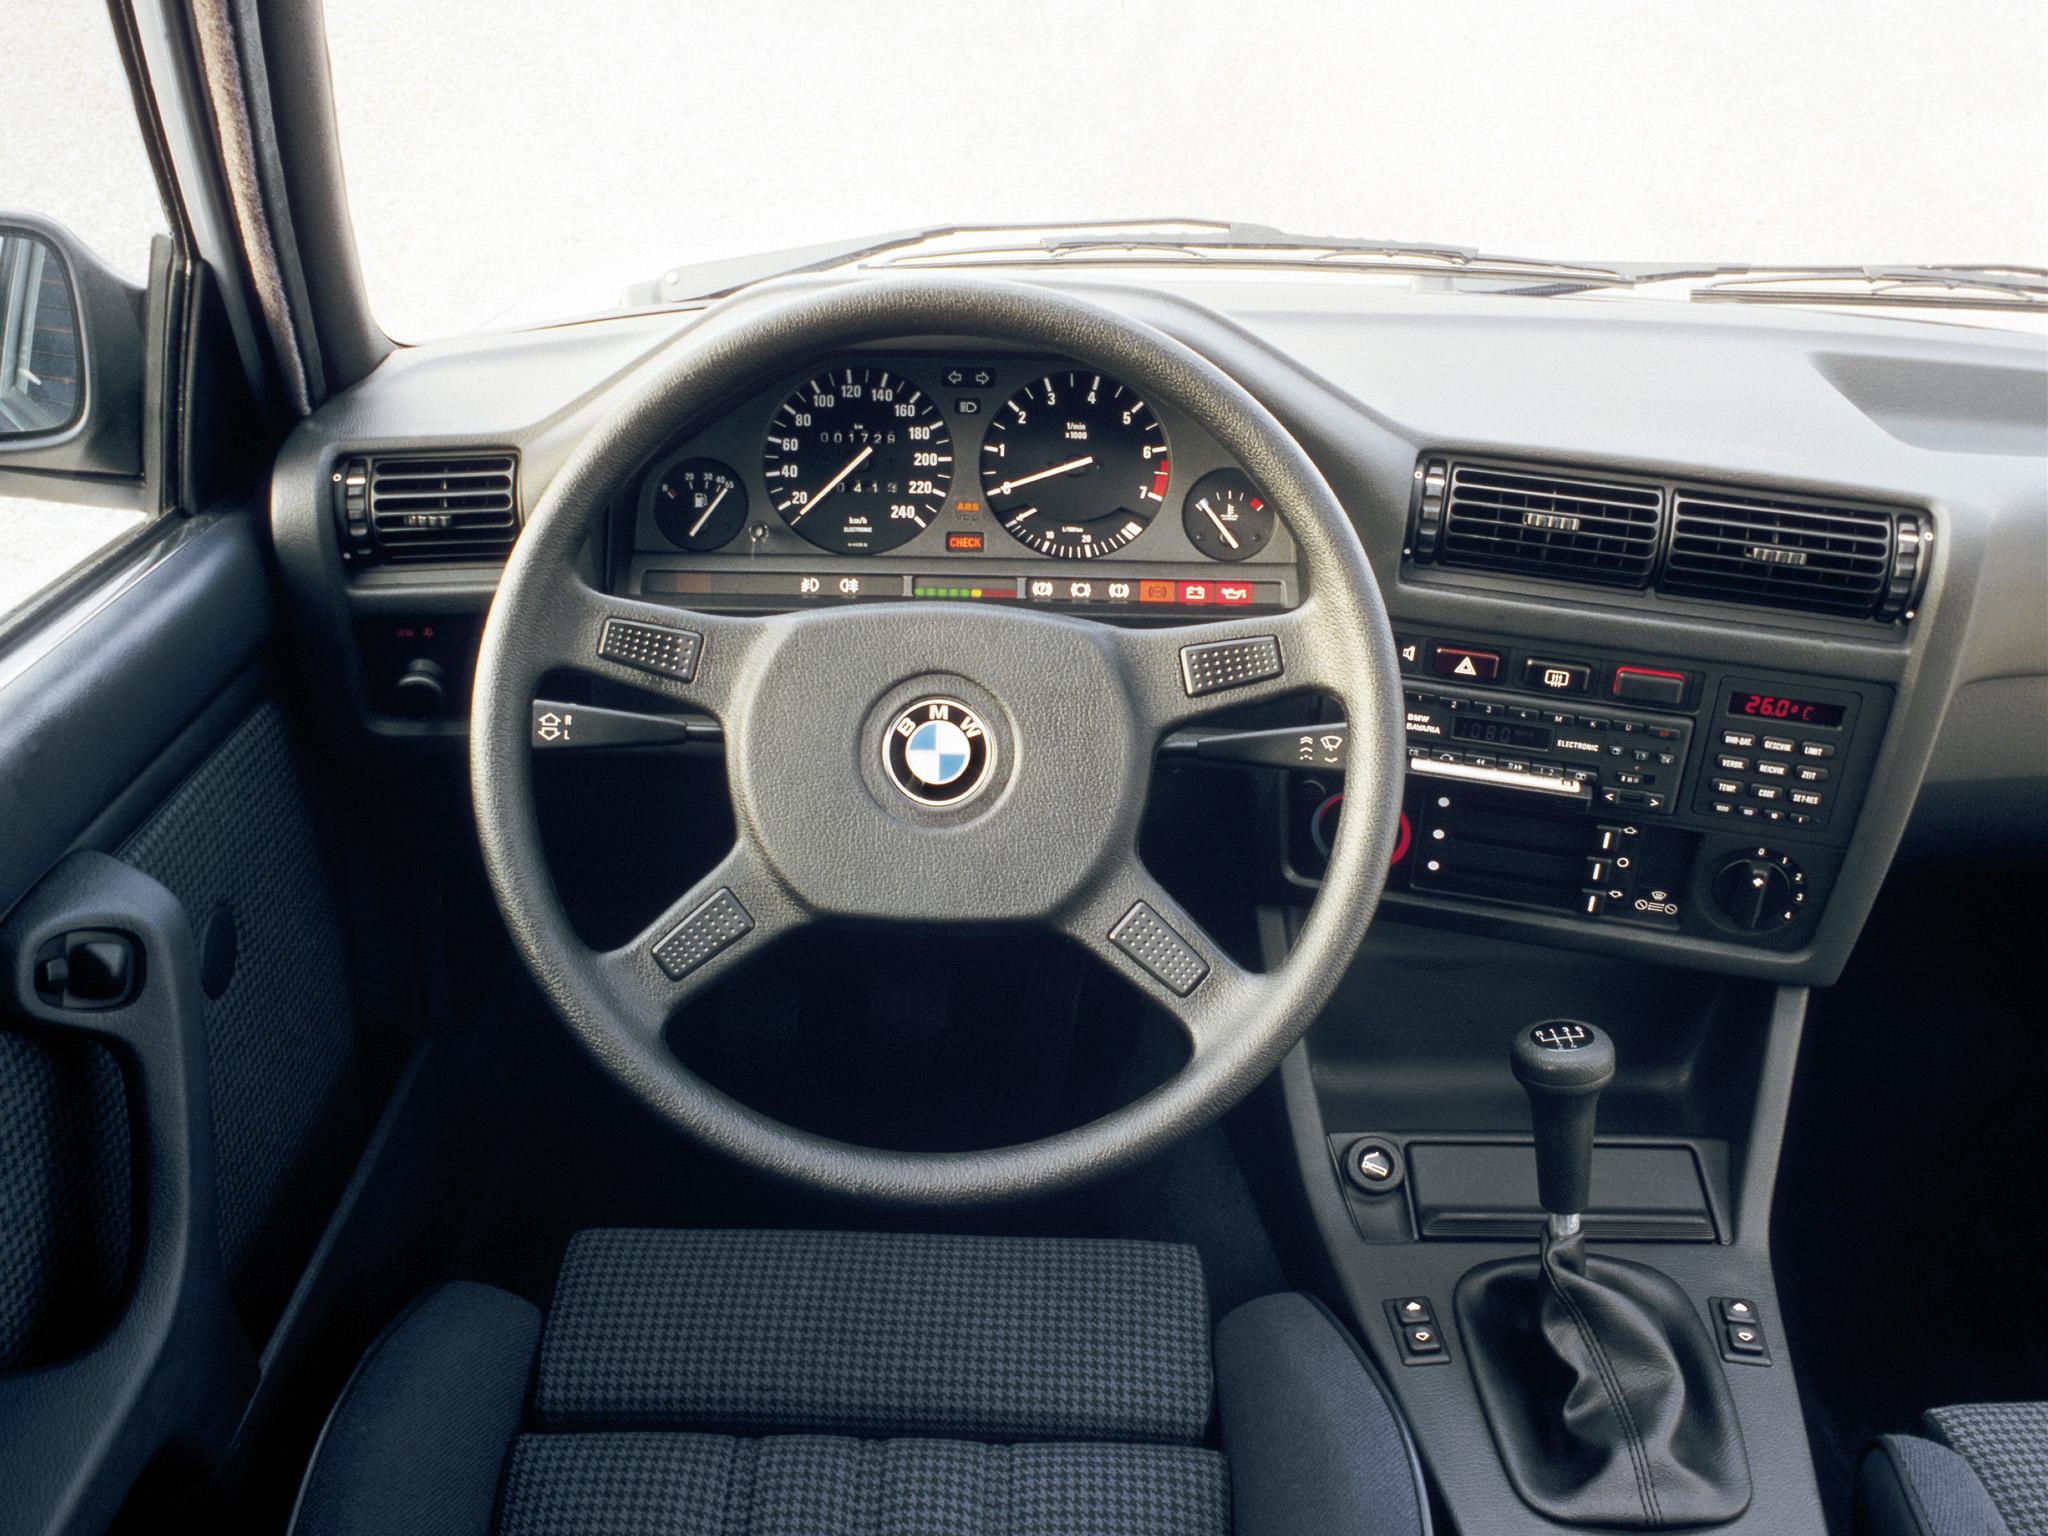 Instrumenteringen i en 3-serie E30. Själva sinnebilden för en förarplats i en BMW, nog platsar den på designmuseum!